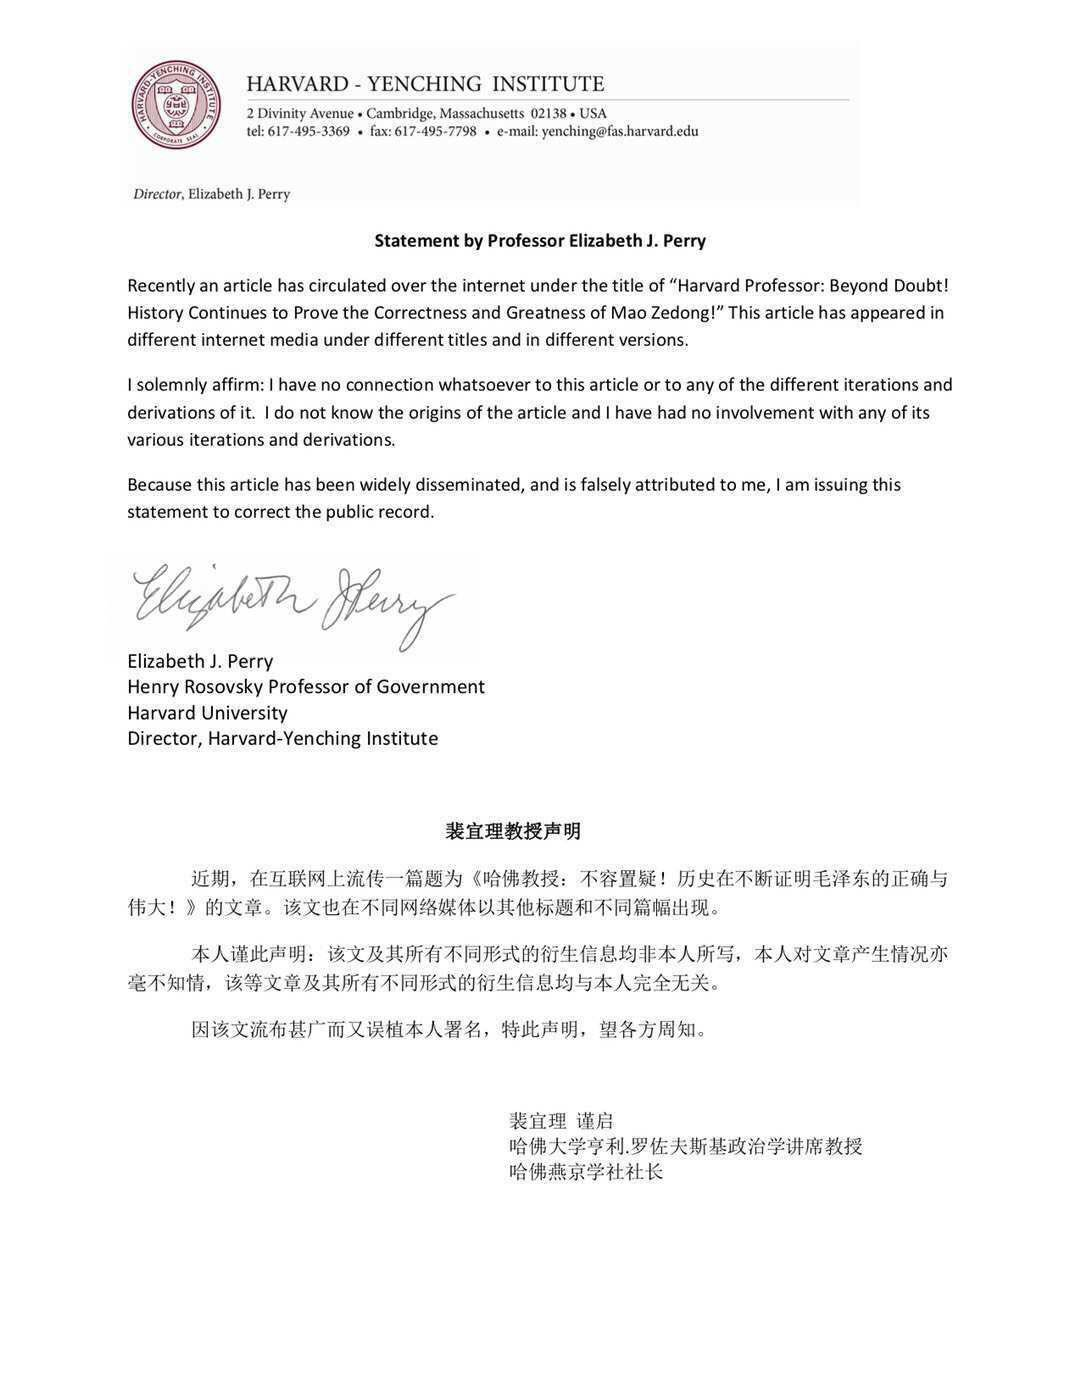 中央社 | 美国哈佛教授裴宜理否认发表文章捧毛泽东